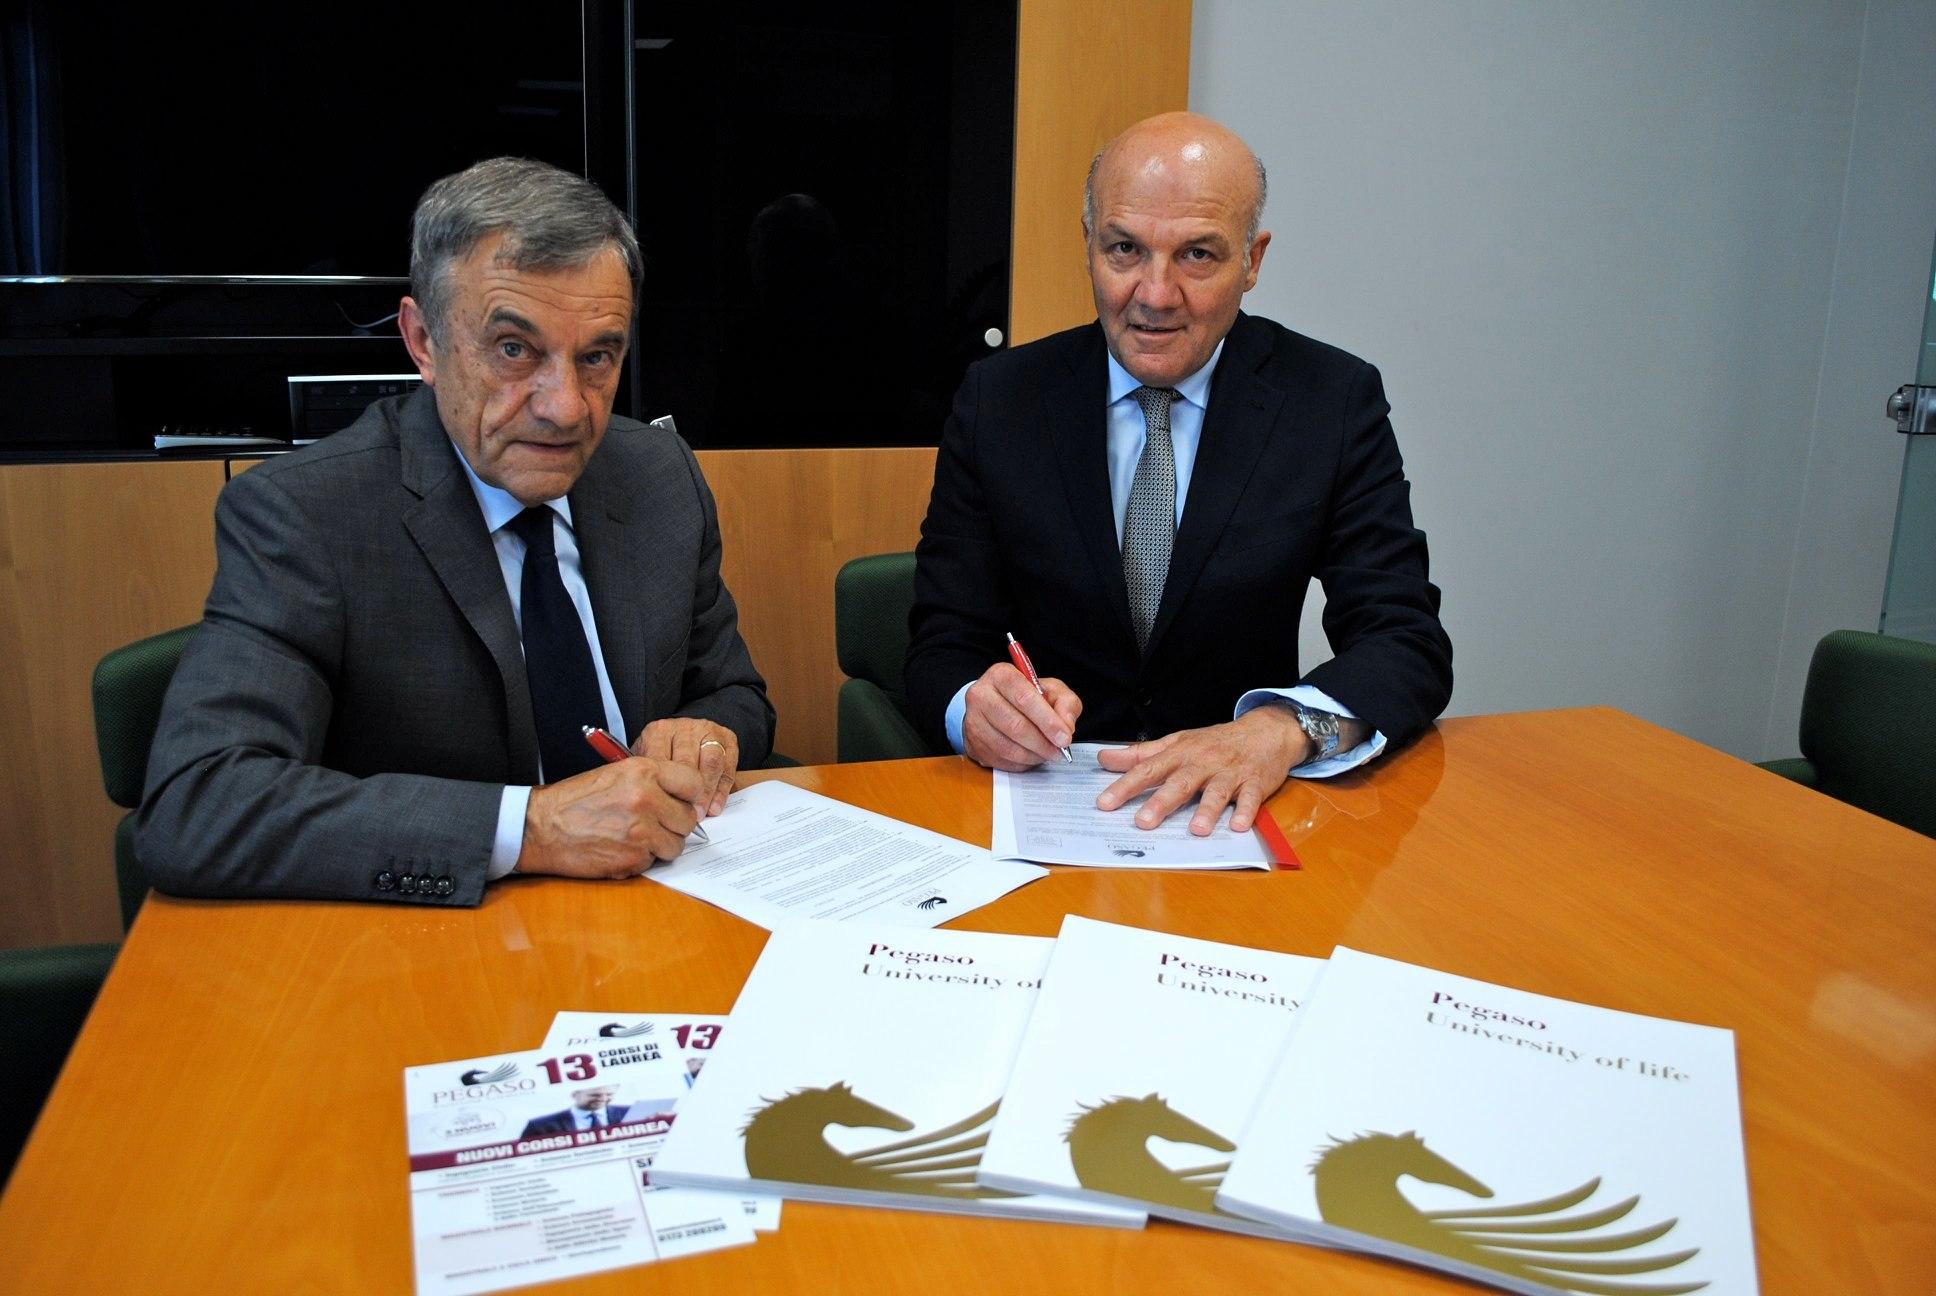 l Presidente dell'Associazione commercianti Albesi Giuliano Viglione e il Dott.Carmine Maffettone, Responsabile della Sede di Alba e Bra, hanno stipulato una convenzione che permetterà di migliorare l'invenstimento in cultura e formazione.